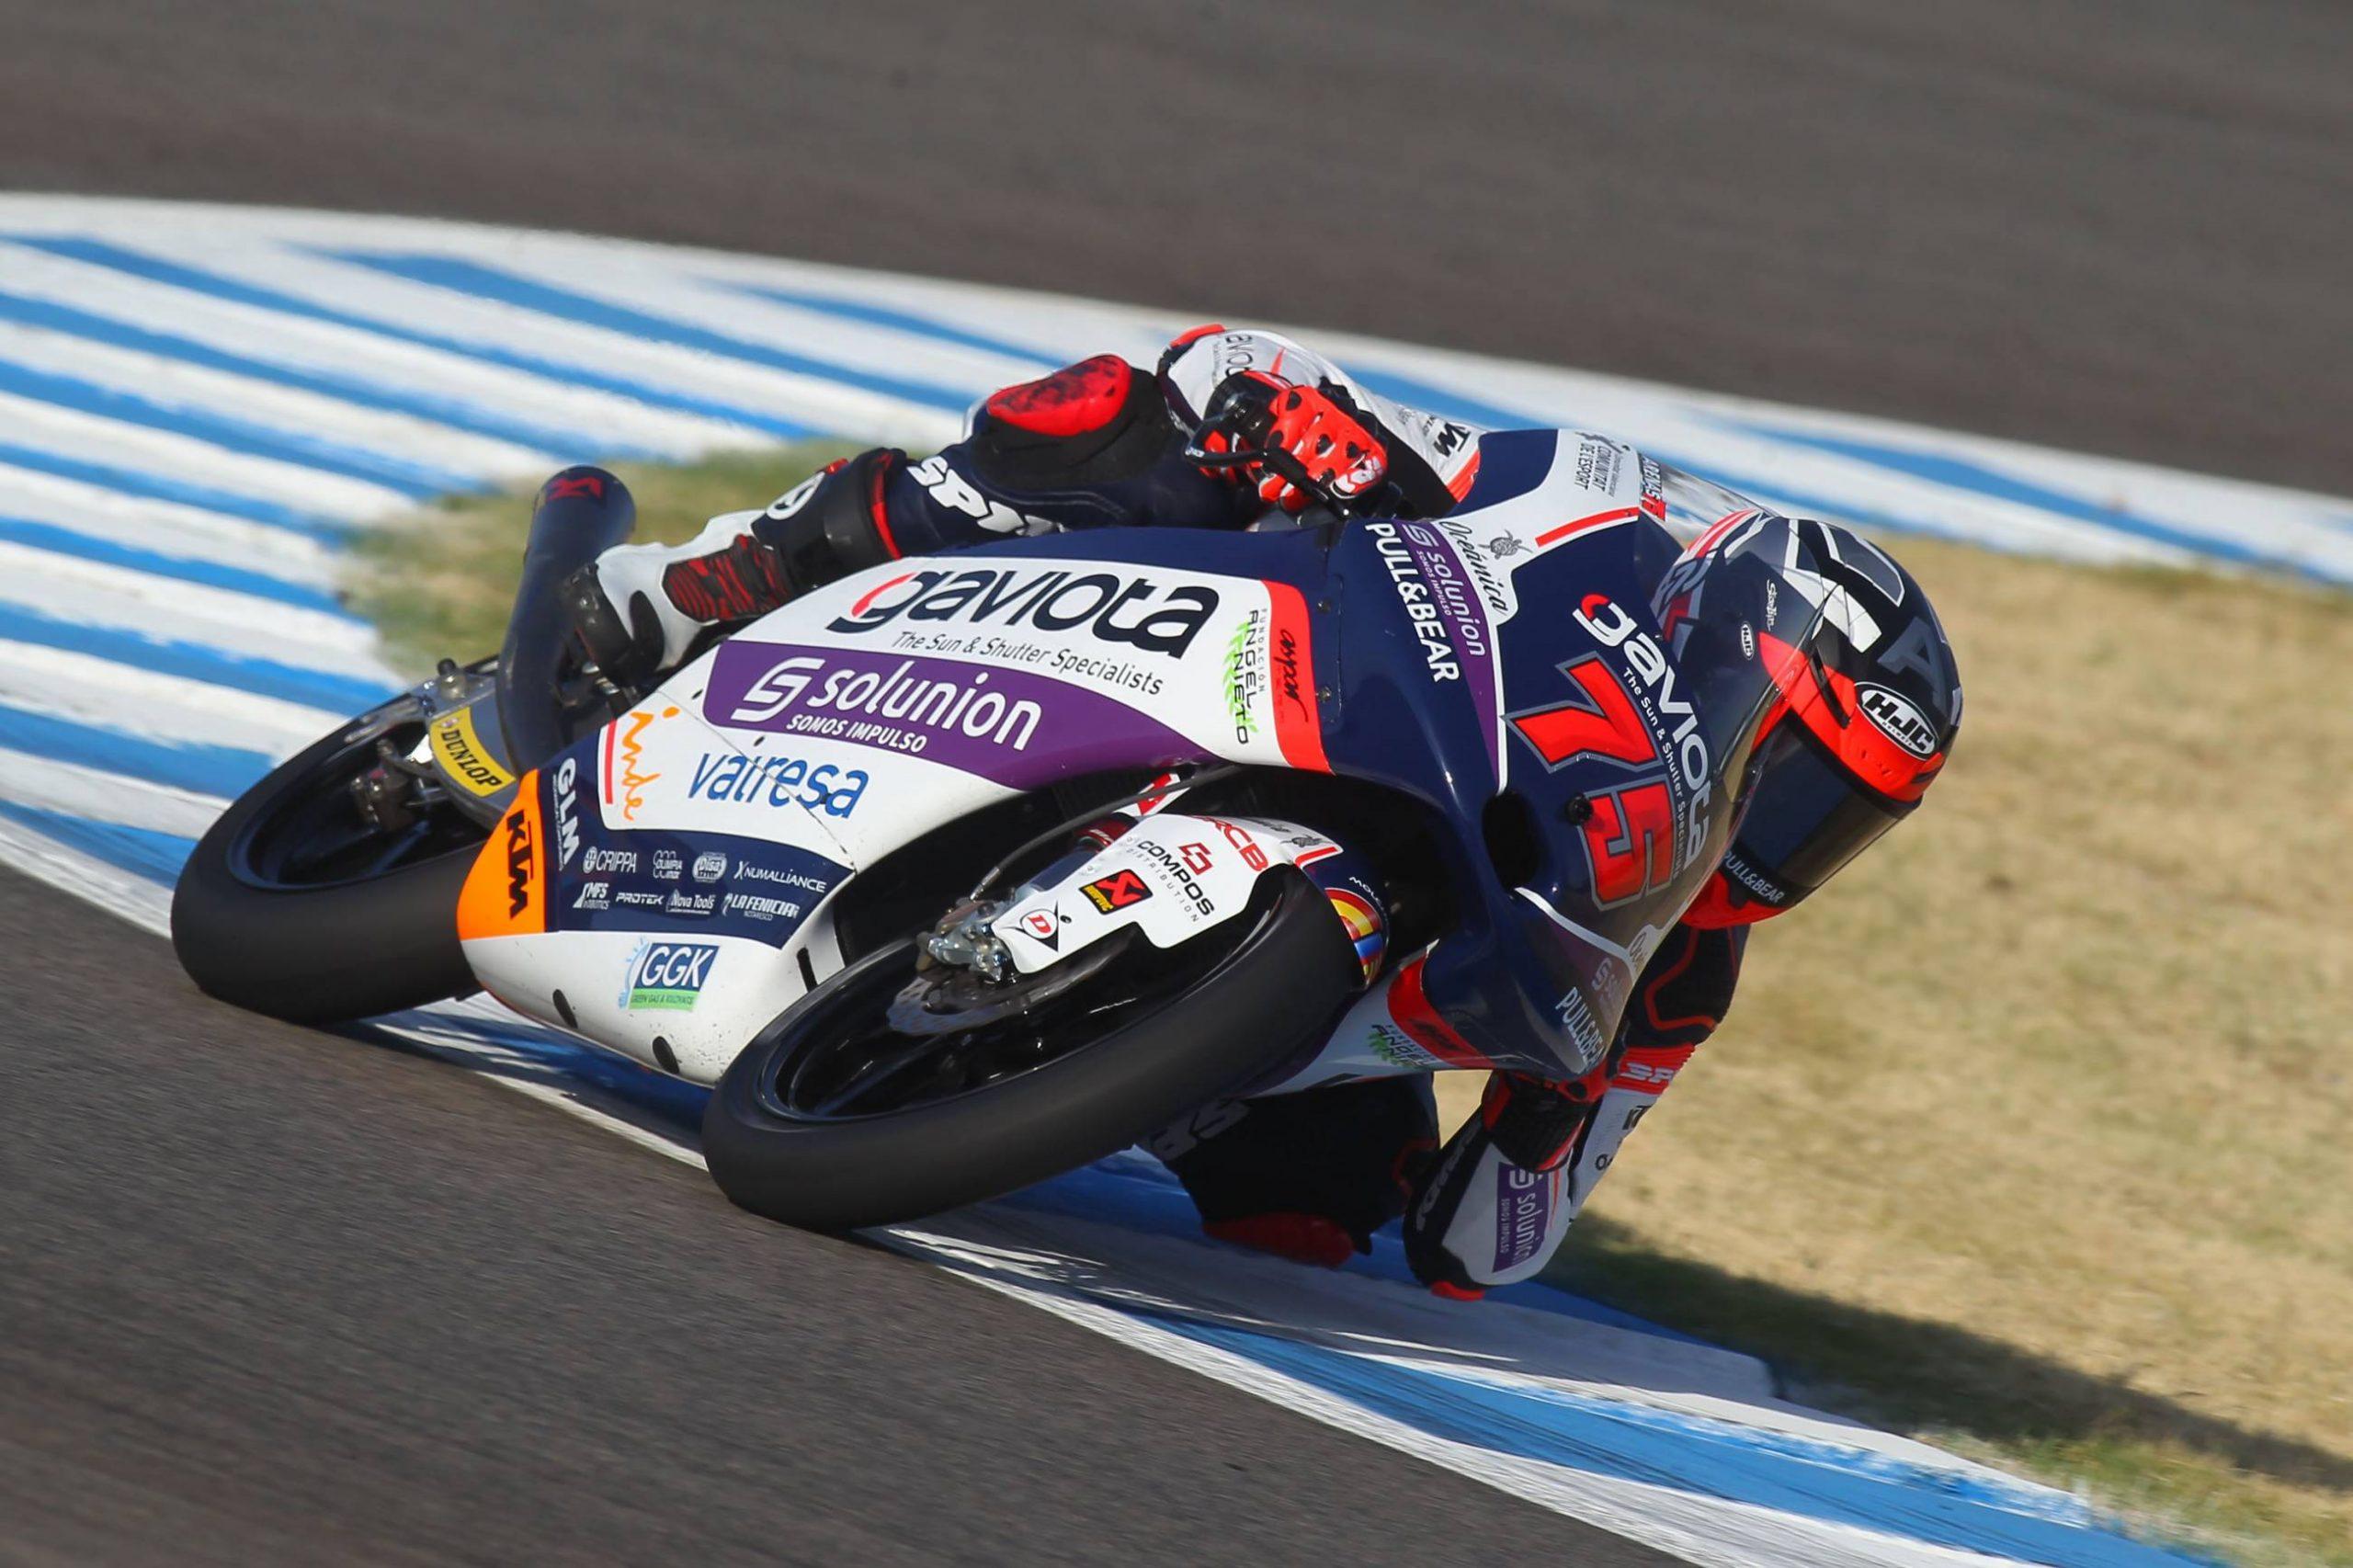 Albert Arenas vence una complicada carrera en grupo en Jerez